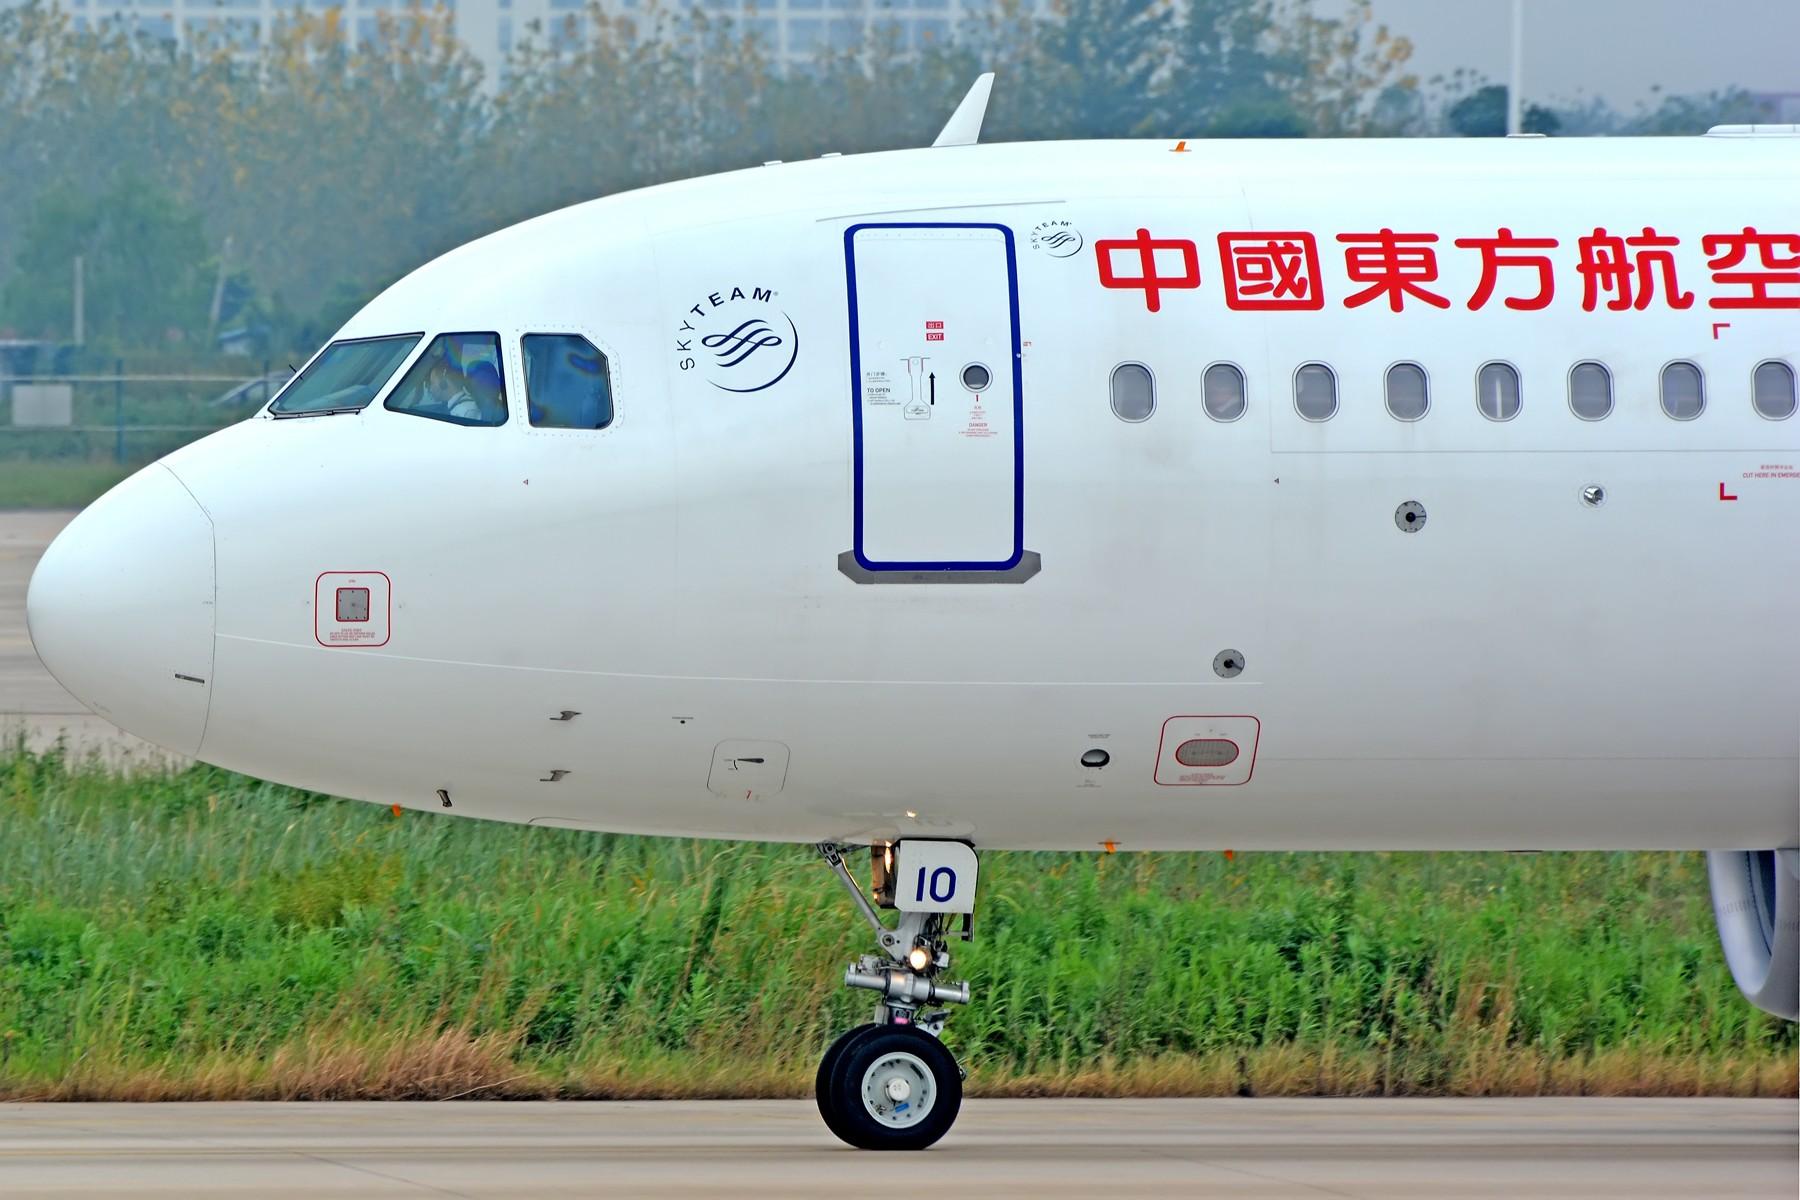 【合肥飞友会·一图党】小燕子滑行大头照一张 AIRBUS A320-200 B-1610 中国合肥新桥国际机场